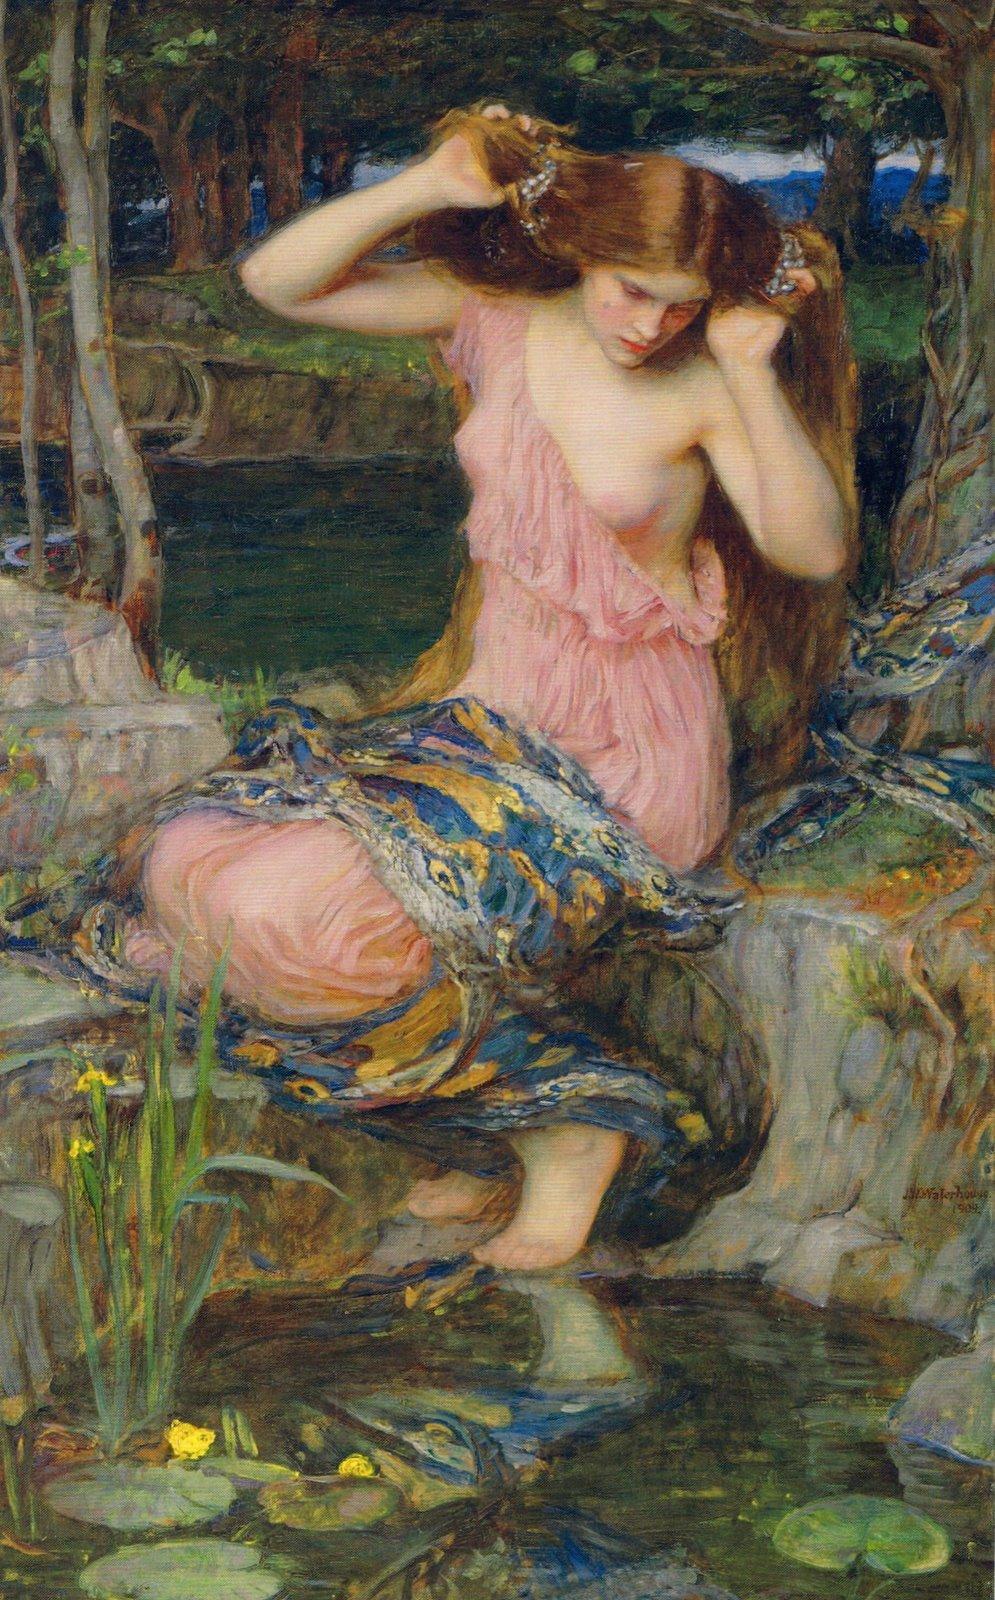 Lamia. Obra de John William Waterhouse, 1909